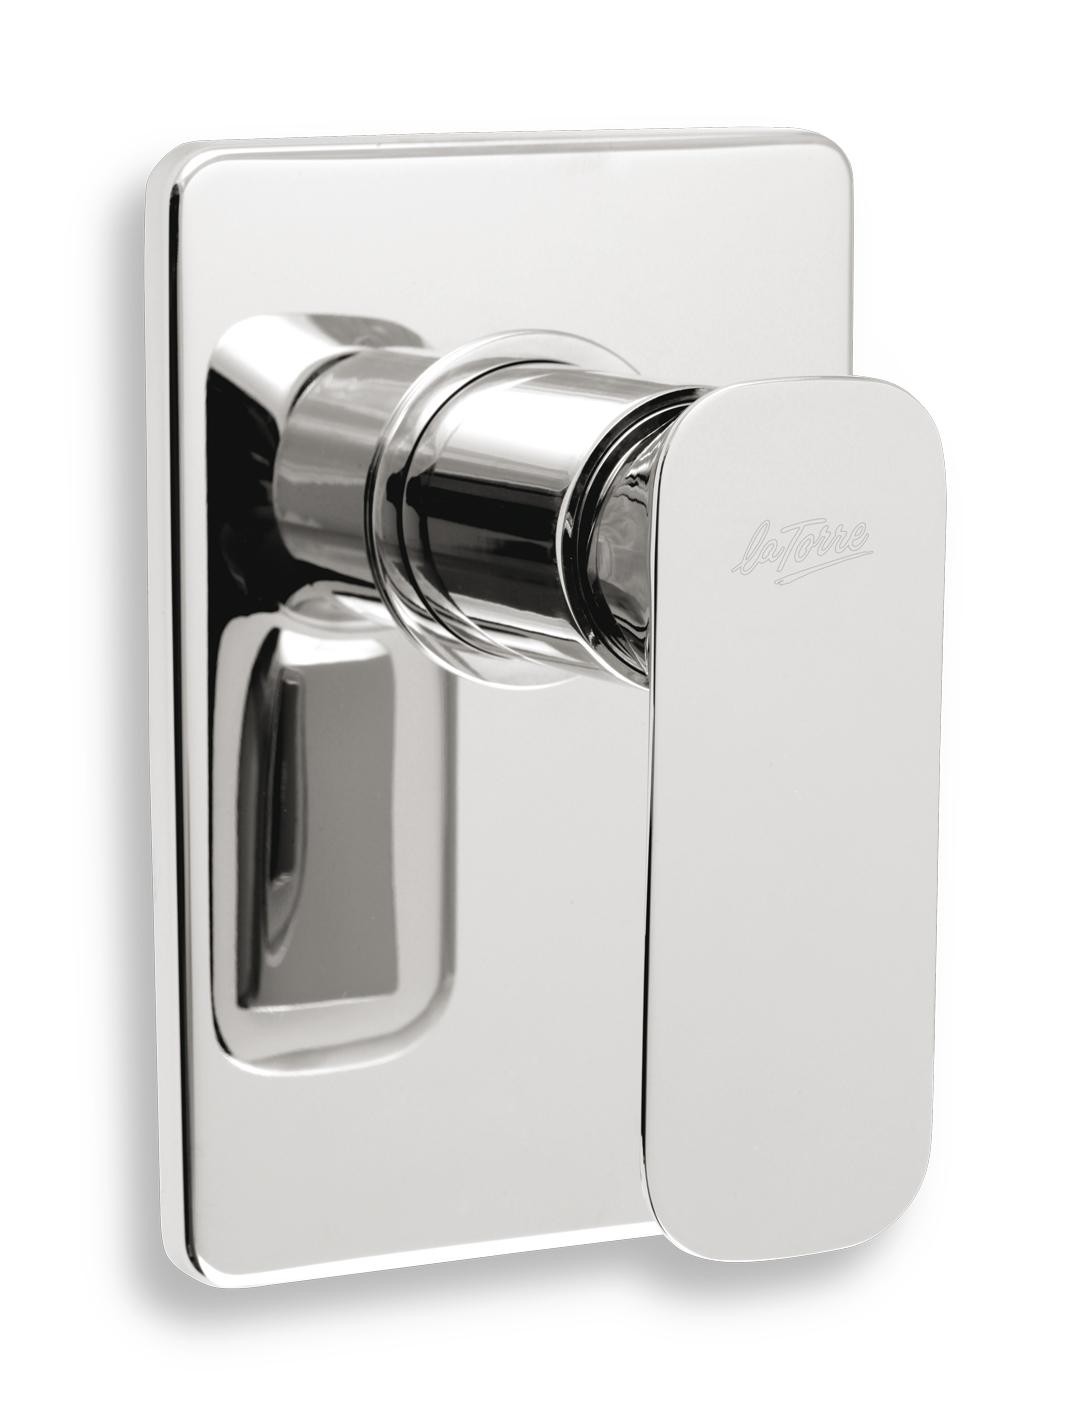 Sprchová baterie podomítková LAGHI chrom